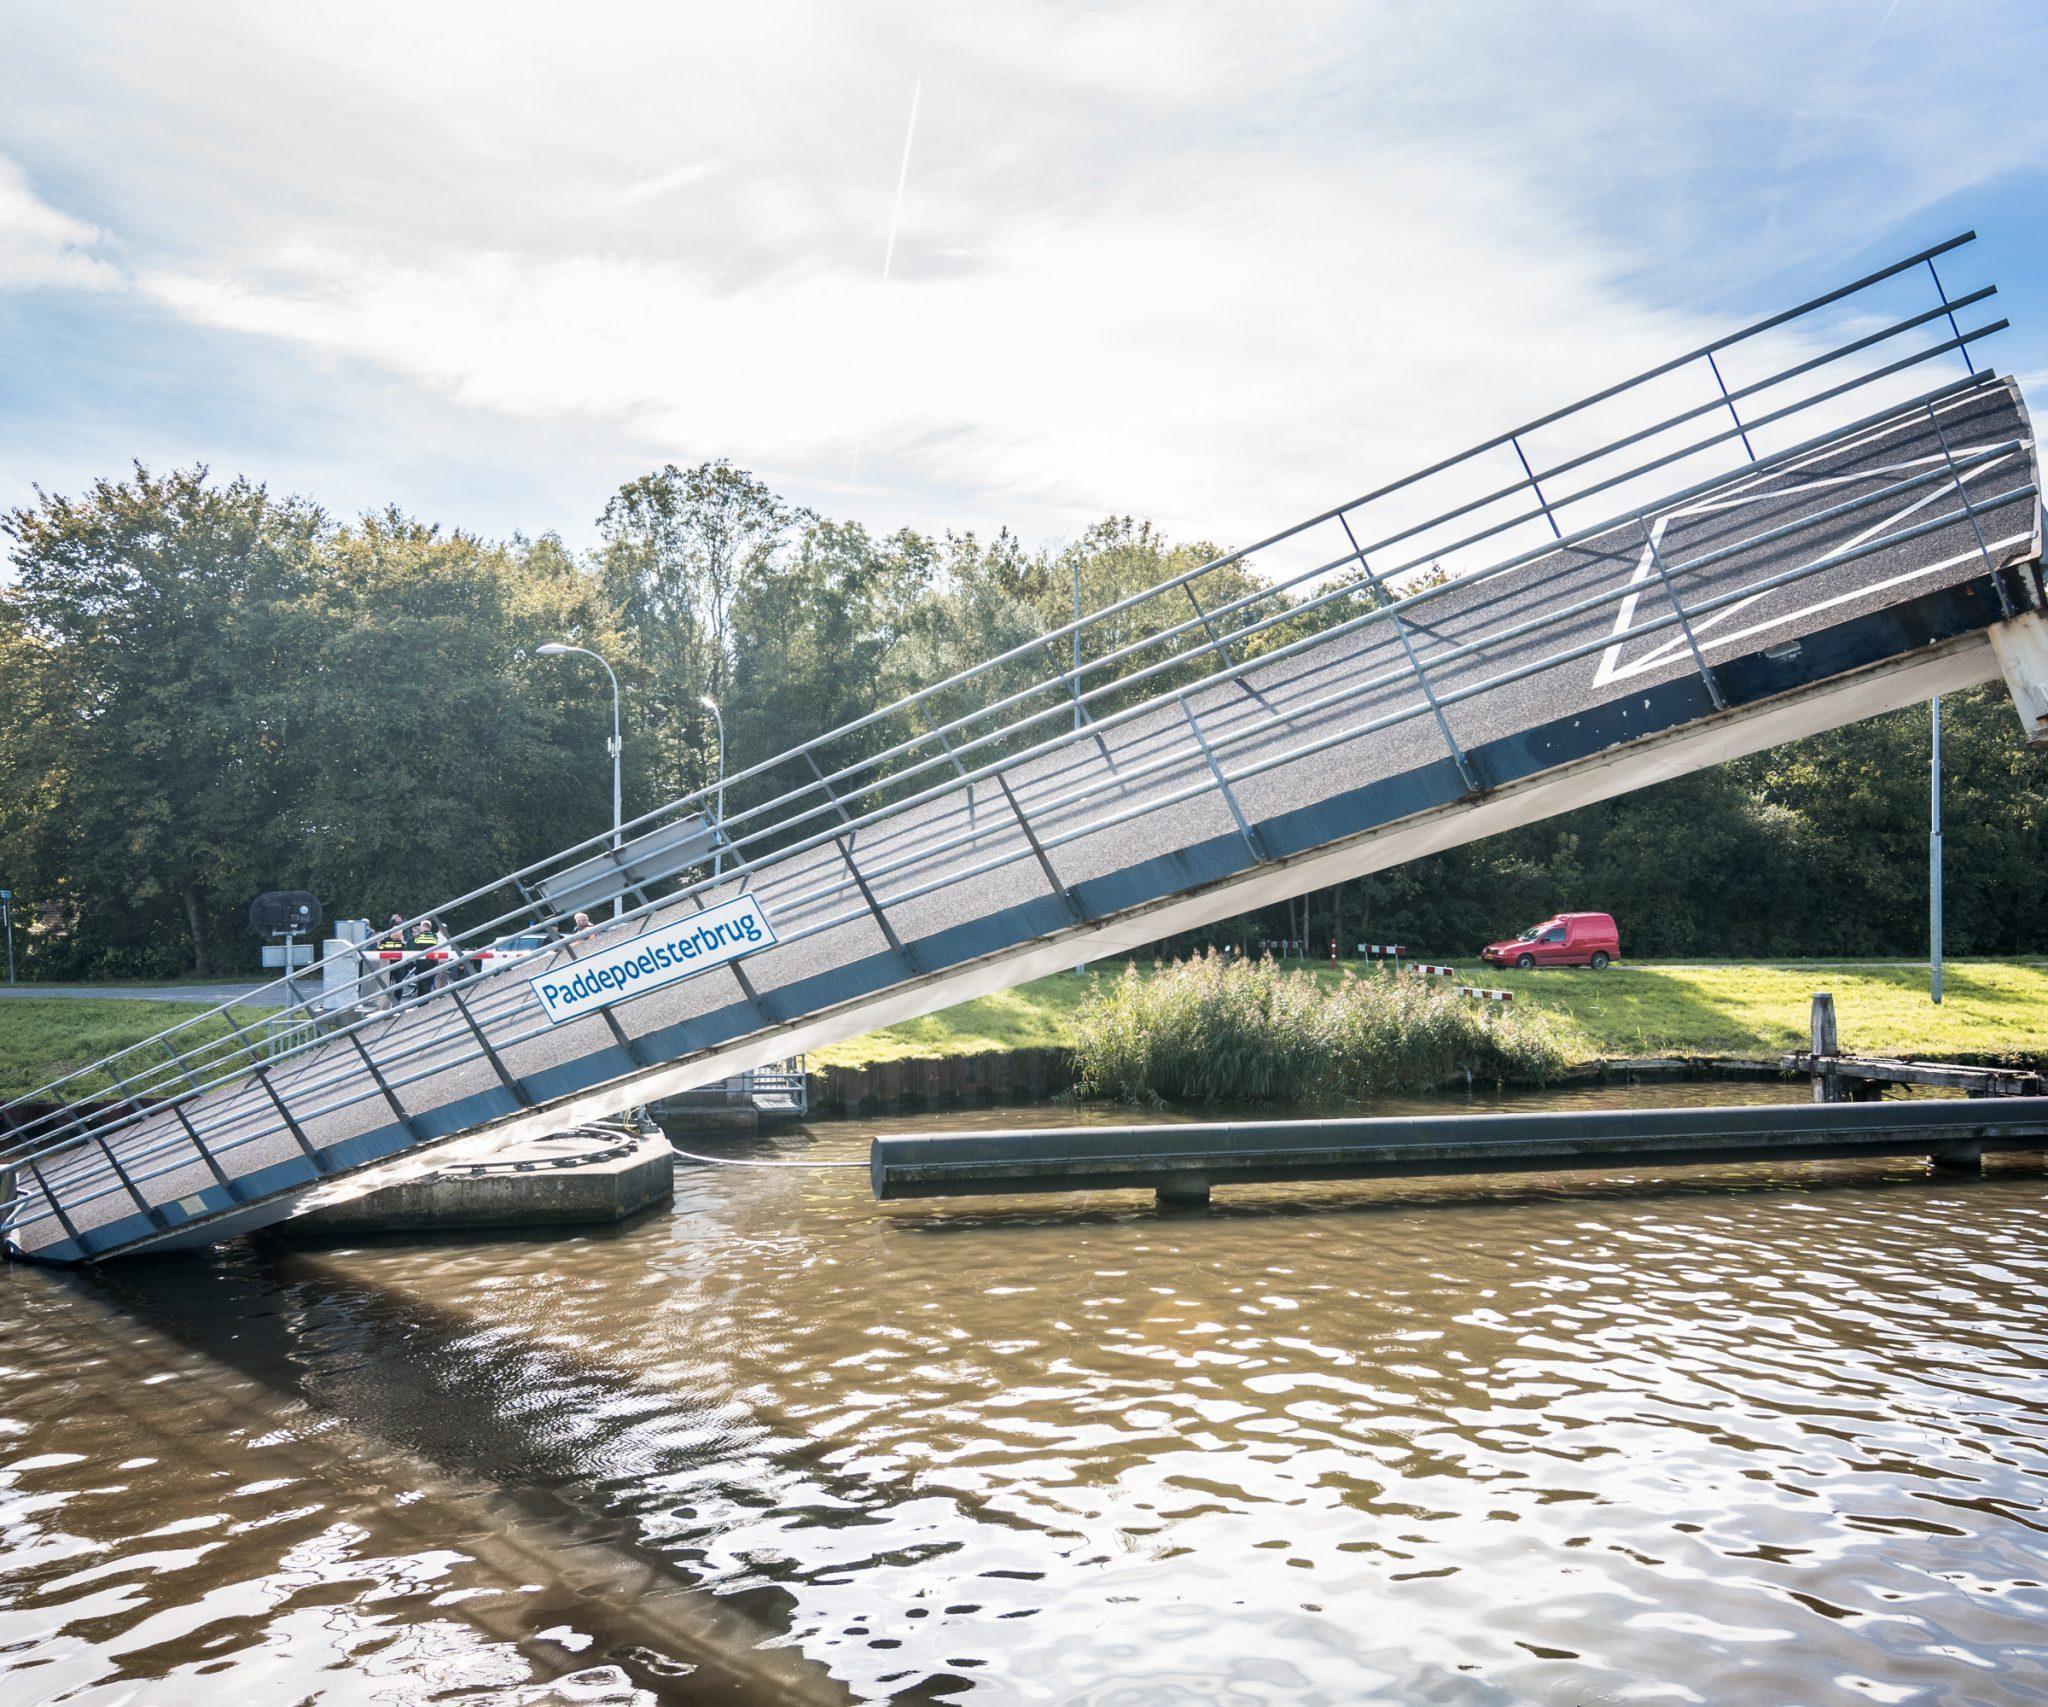 De Paddepoelsterbrug ging, als gevolg van een bedieningsfout, onterecht naar beneden en kwam daarmee in aanvaring met de Andamento (Archieffoto De Vries Media)